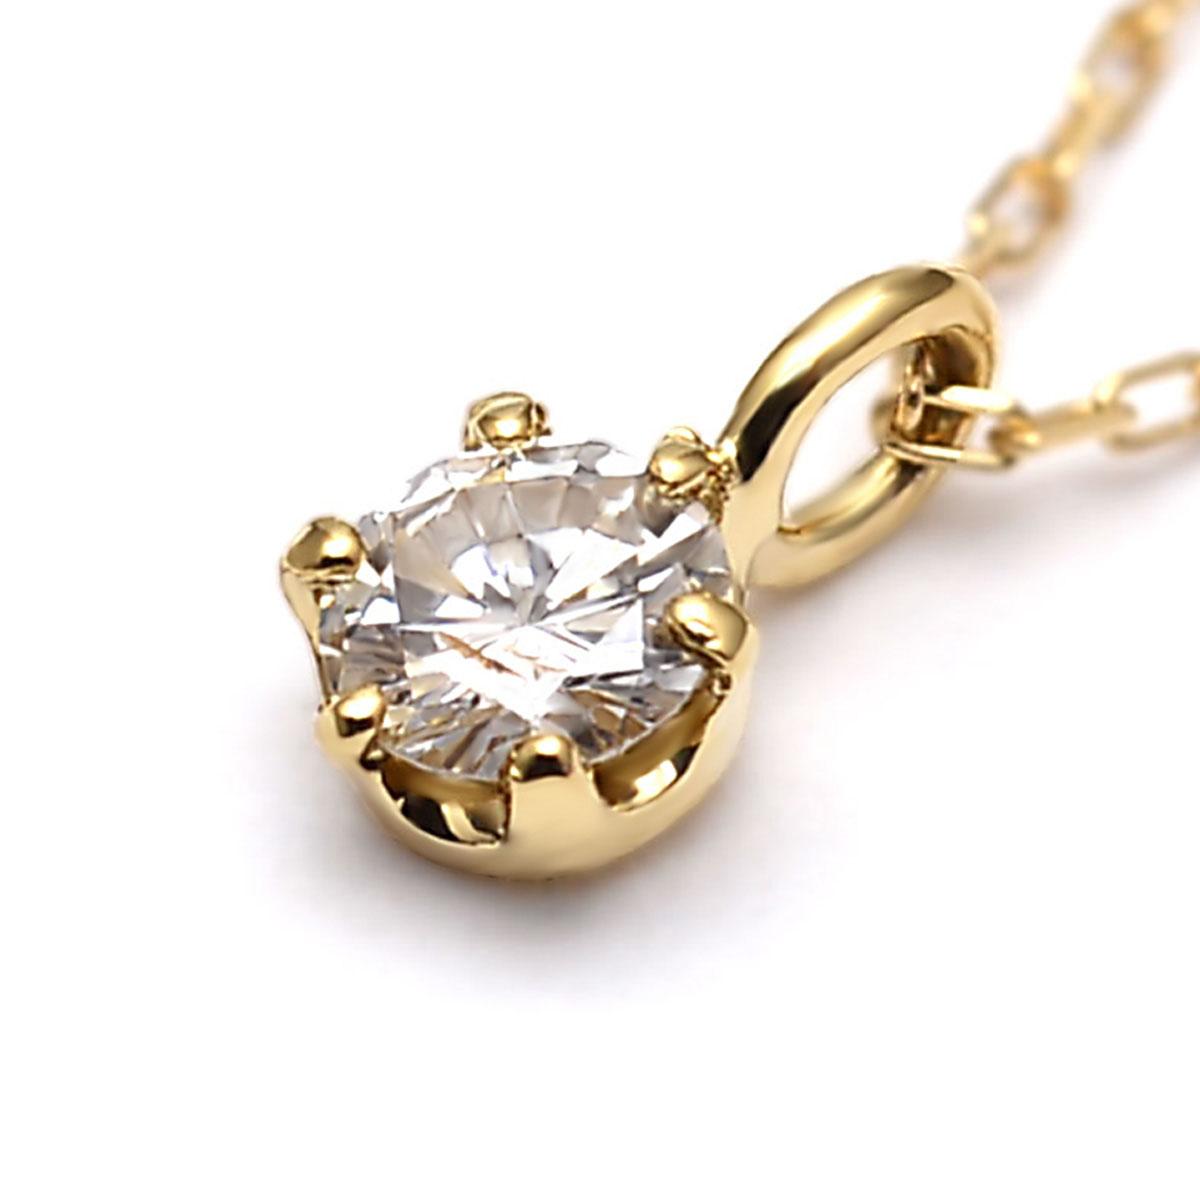 k18ネックレス 18k ネックレス チェーン ゴールド 18金 ペンダントトップ k18 (RERALUy) レディース 女性 アクセサリー イエローゴールド ・一粒 ダイヤモンド 0.08ct ペンダント rne1382